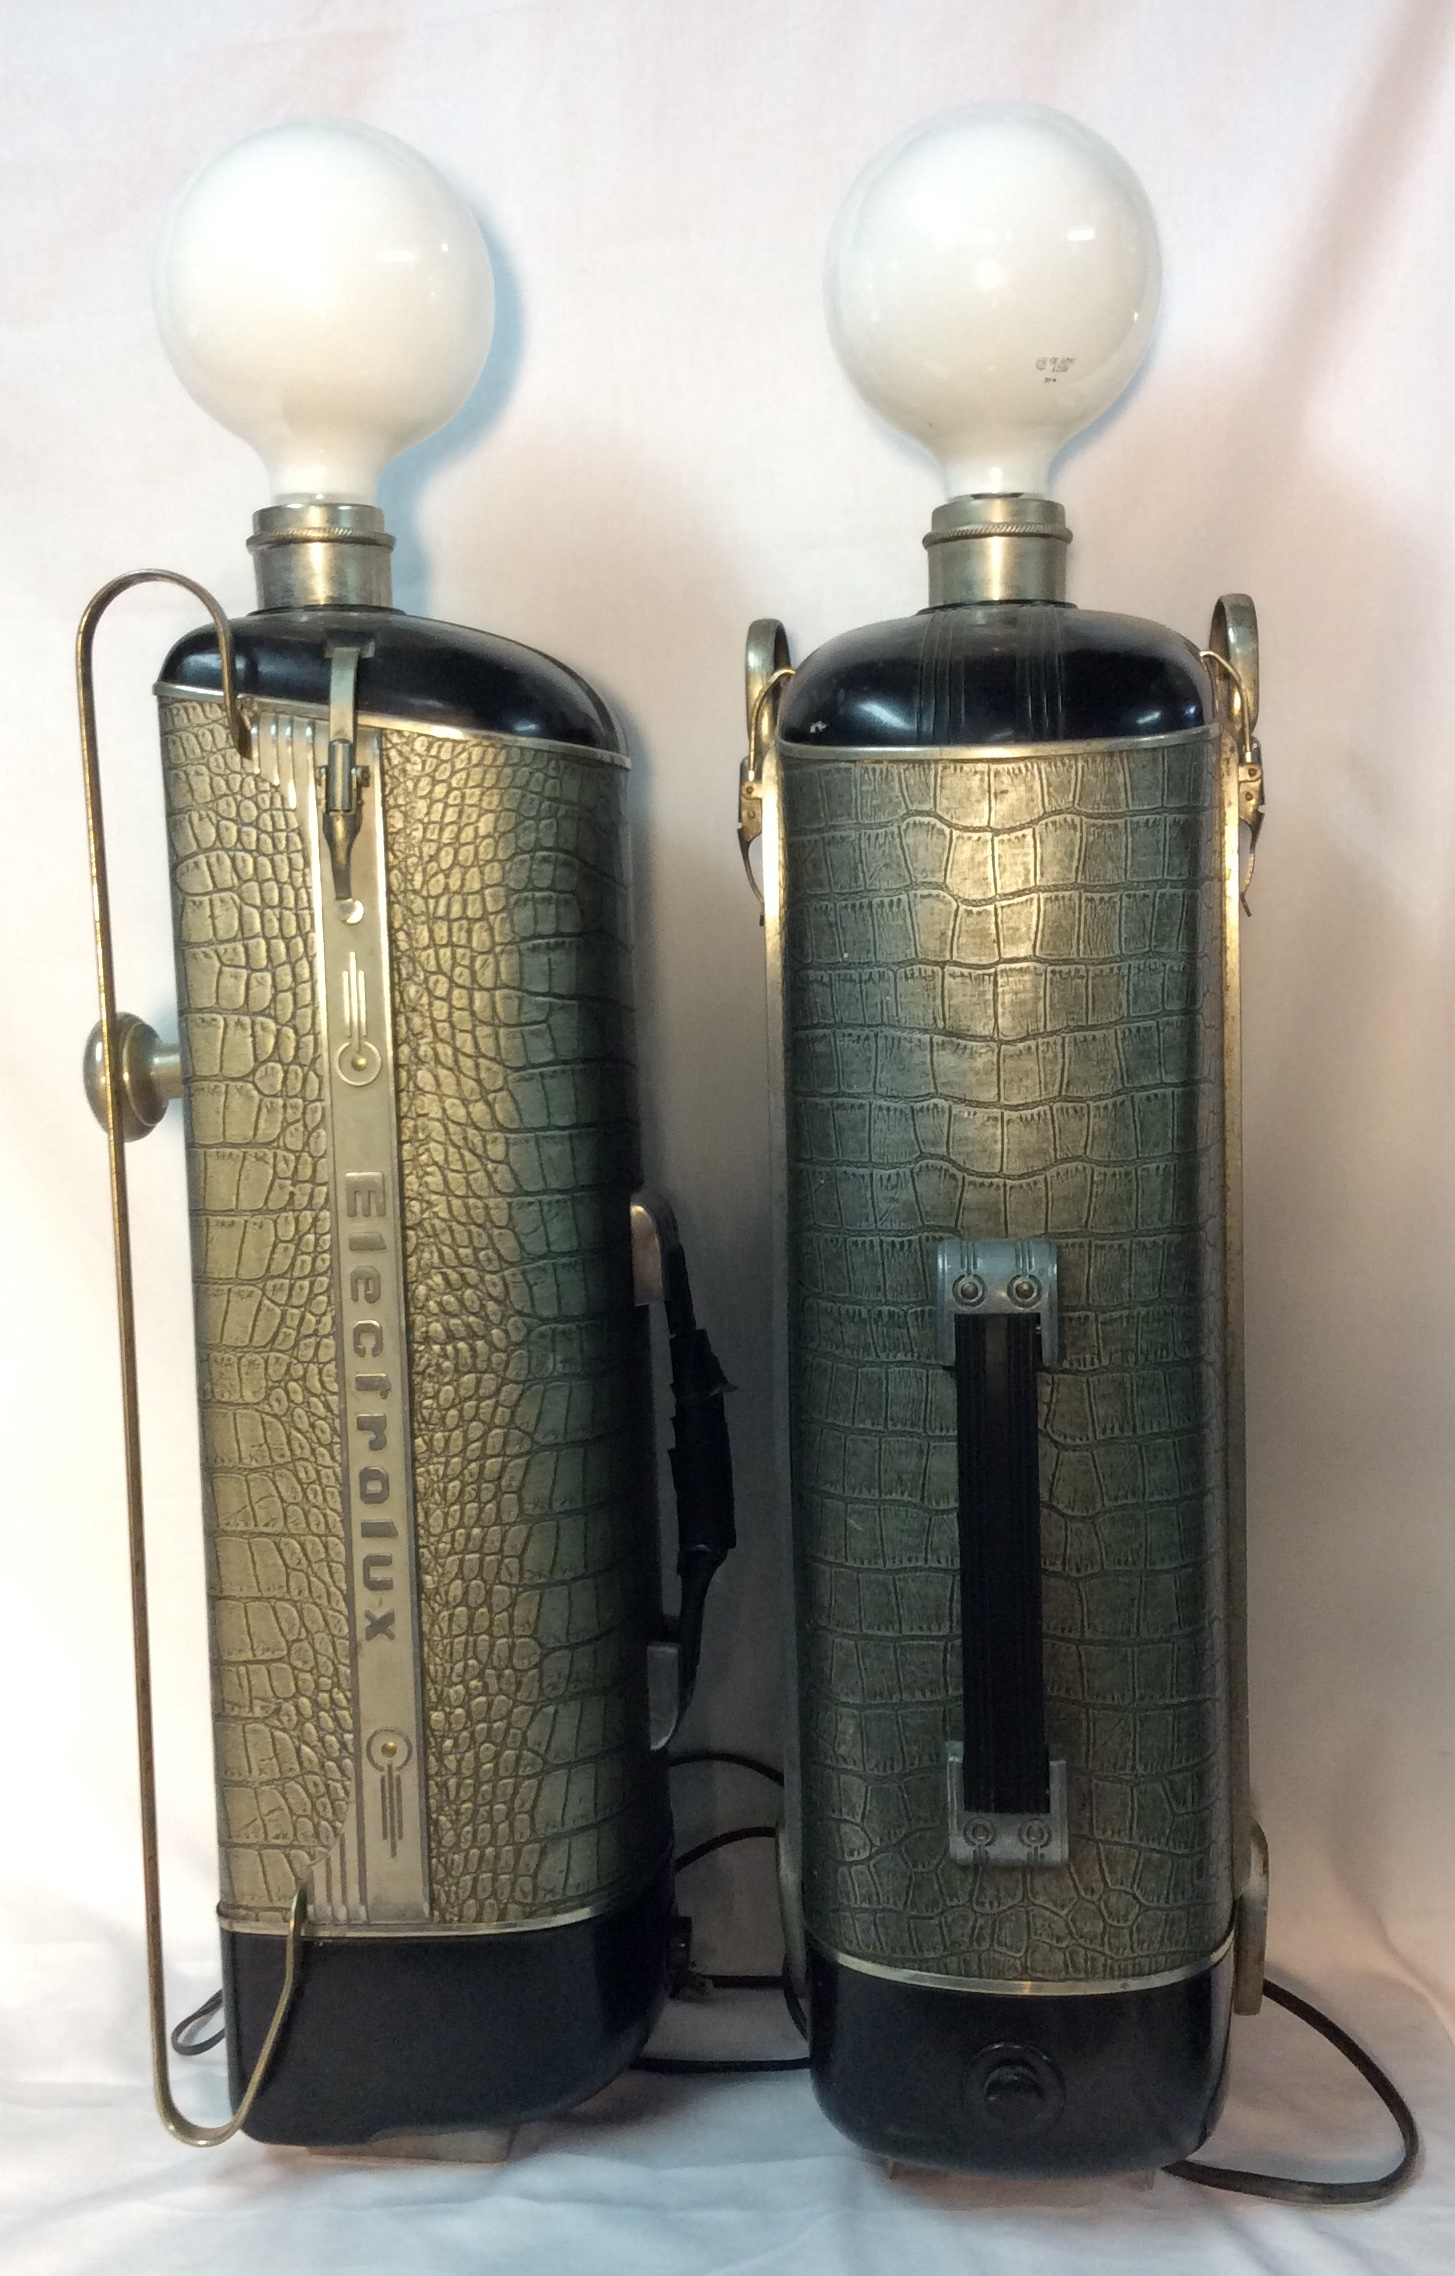 Vintage Electrolux vaccuum lamps